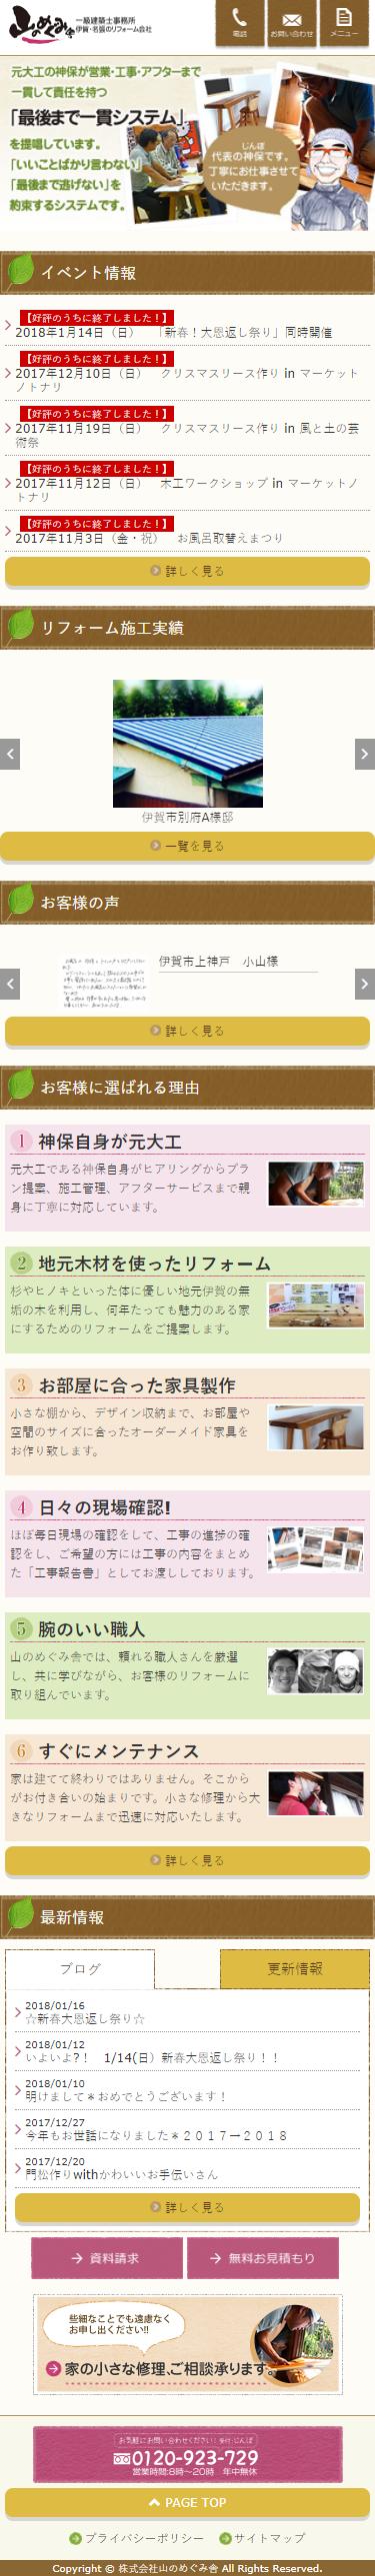 伊賀市 山のめぐみ舎様 ホームページ制作3